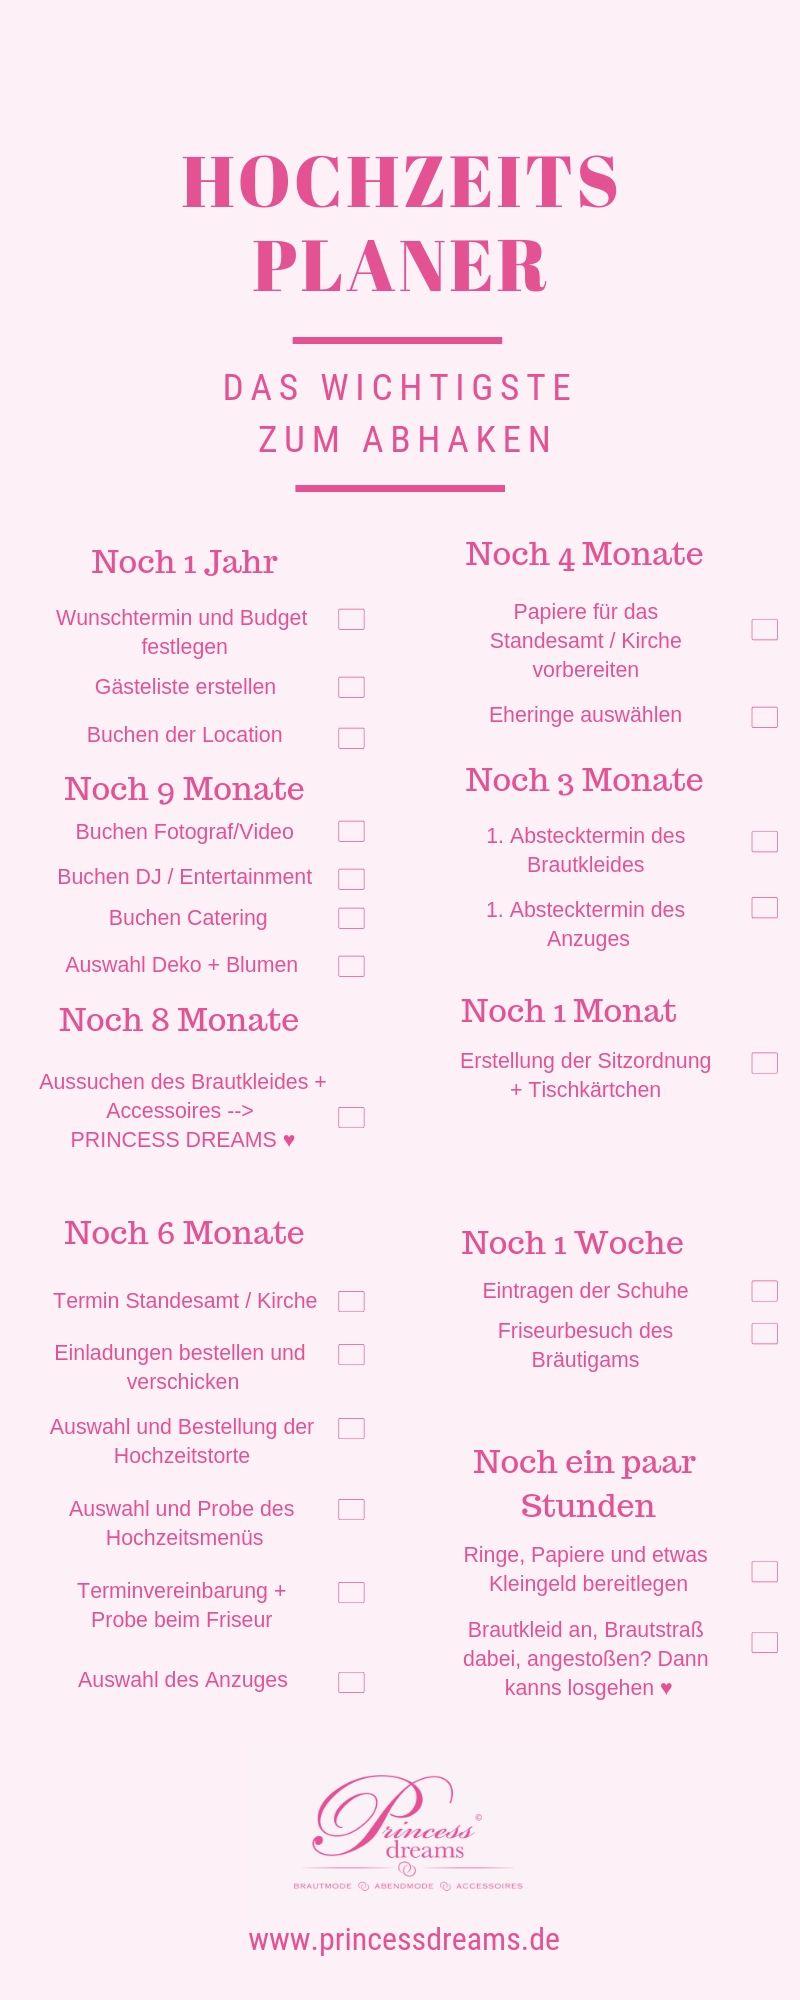 Hochzeitsplaner für deine Hochzeit! Zum abhaken und planen für deine Traumhochzeit! Brautmode Berlin